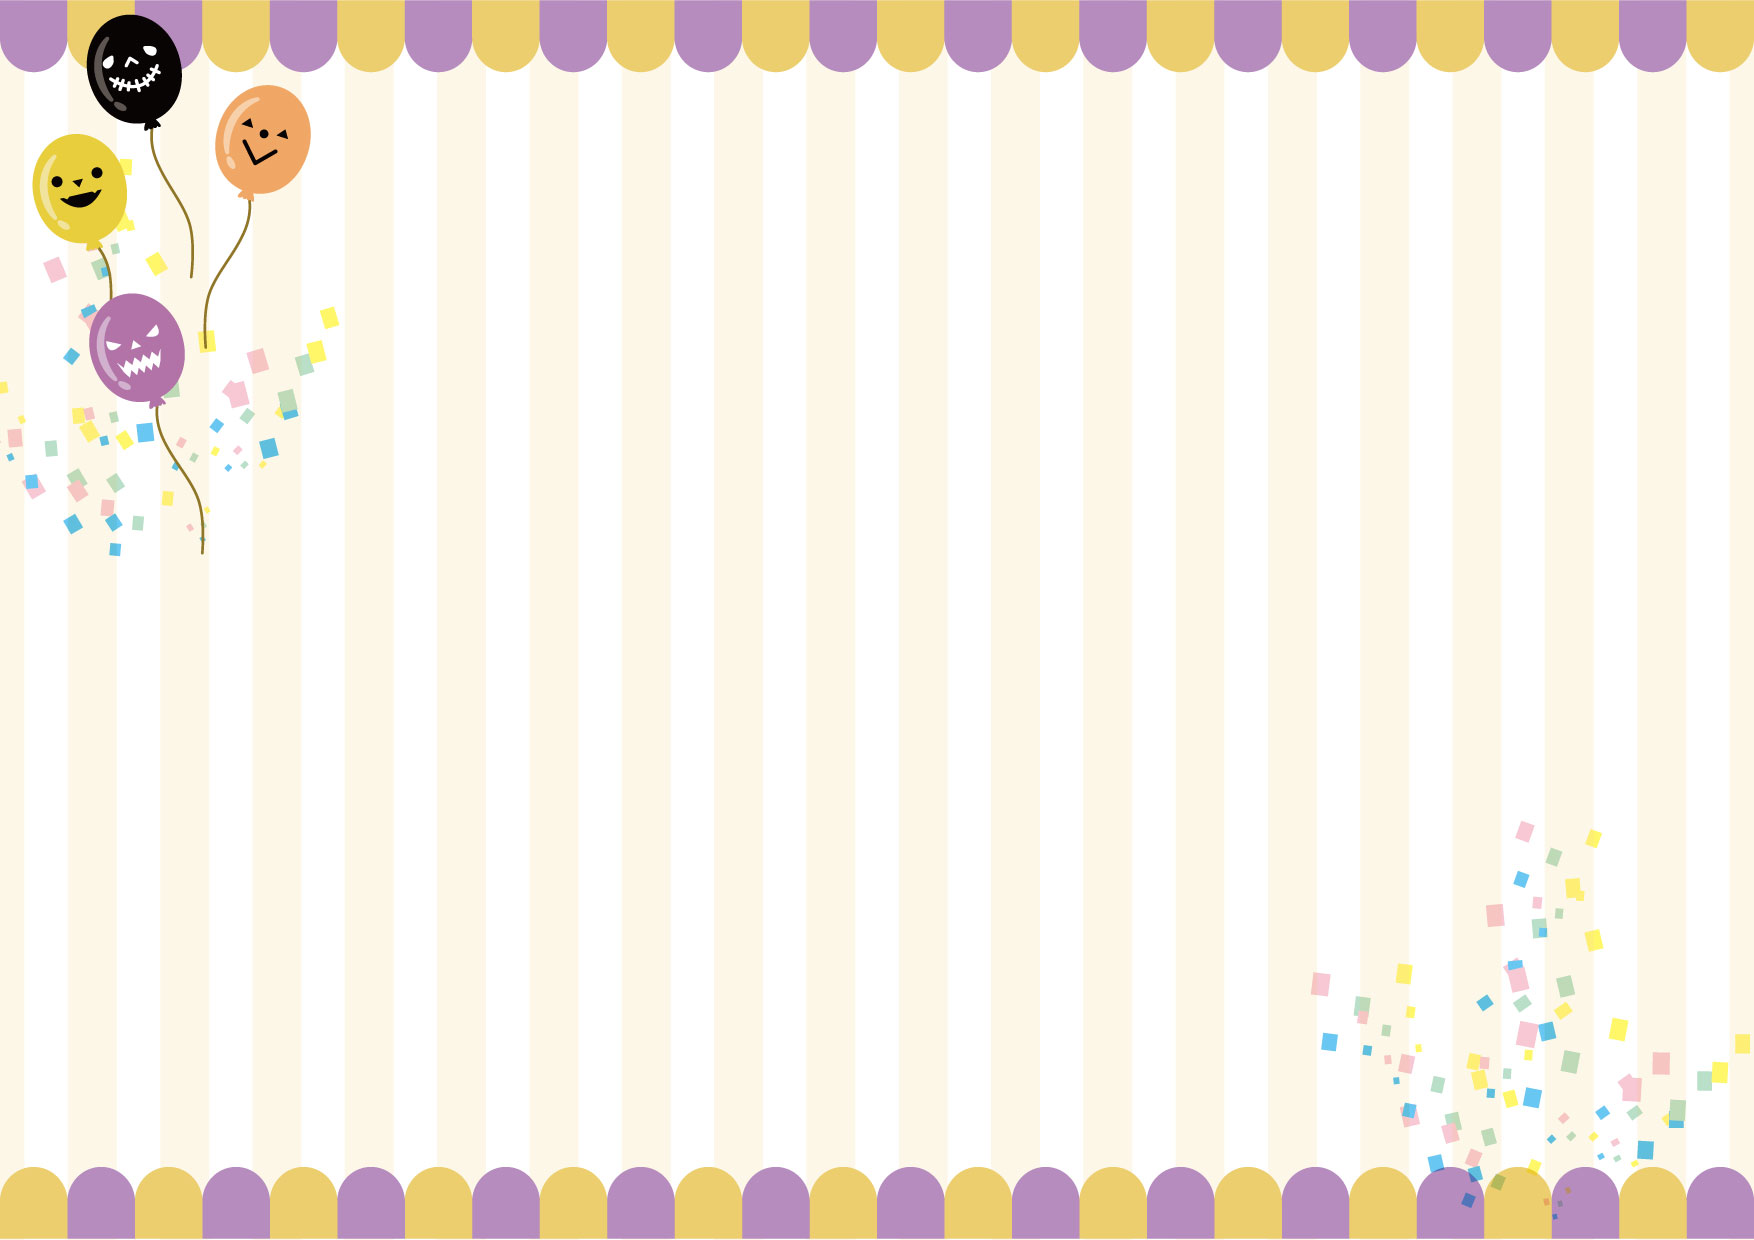 ハロウィン 背景 紫 黄 風船 ストライプ イラスト 無料